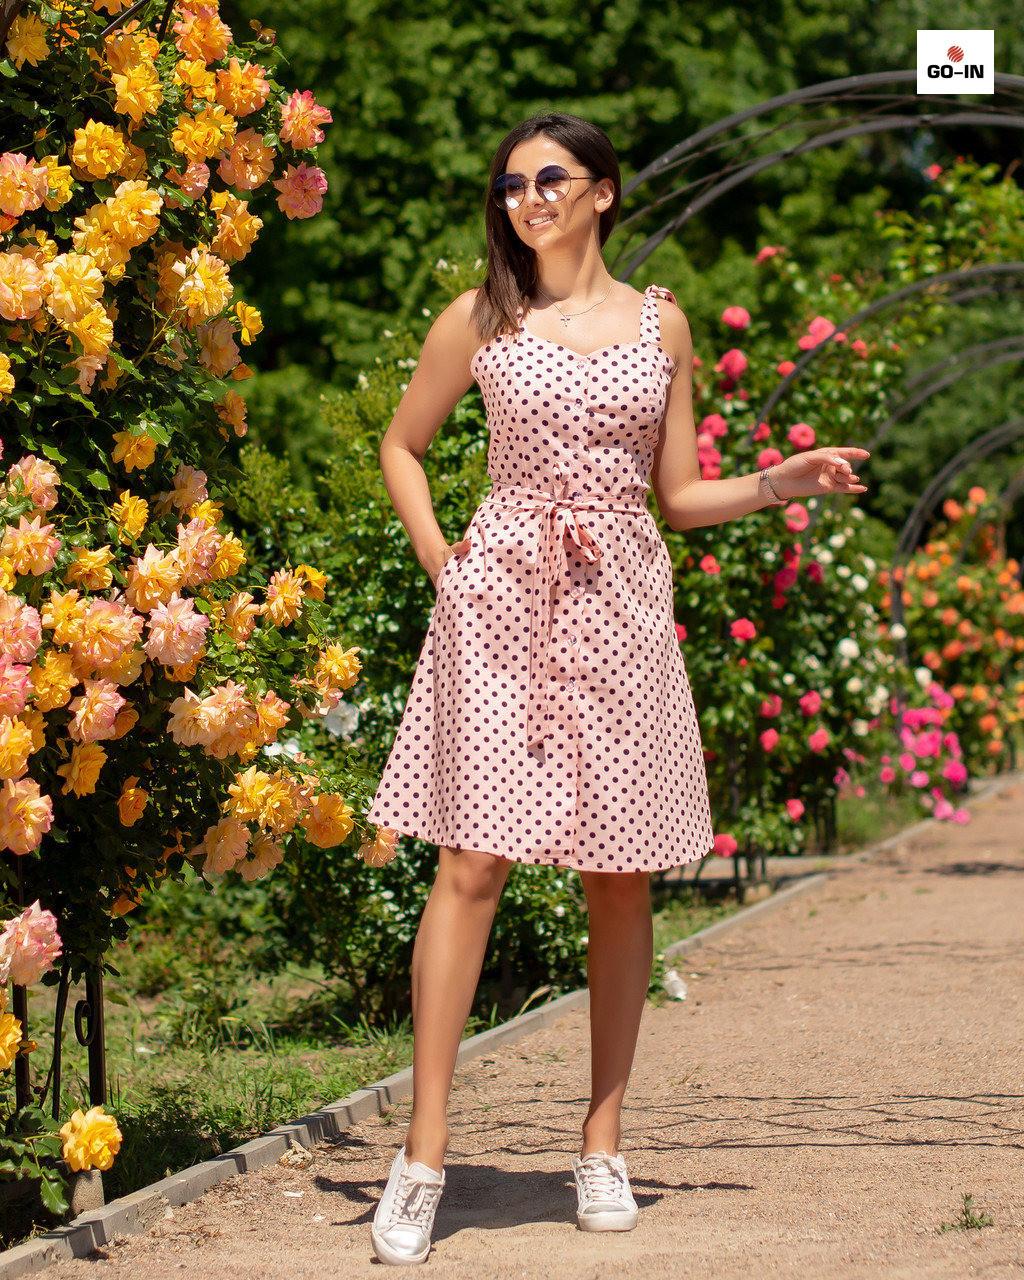 Женский сарафан летний однотонный в розовый горох